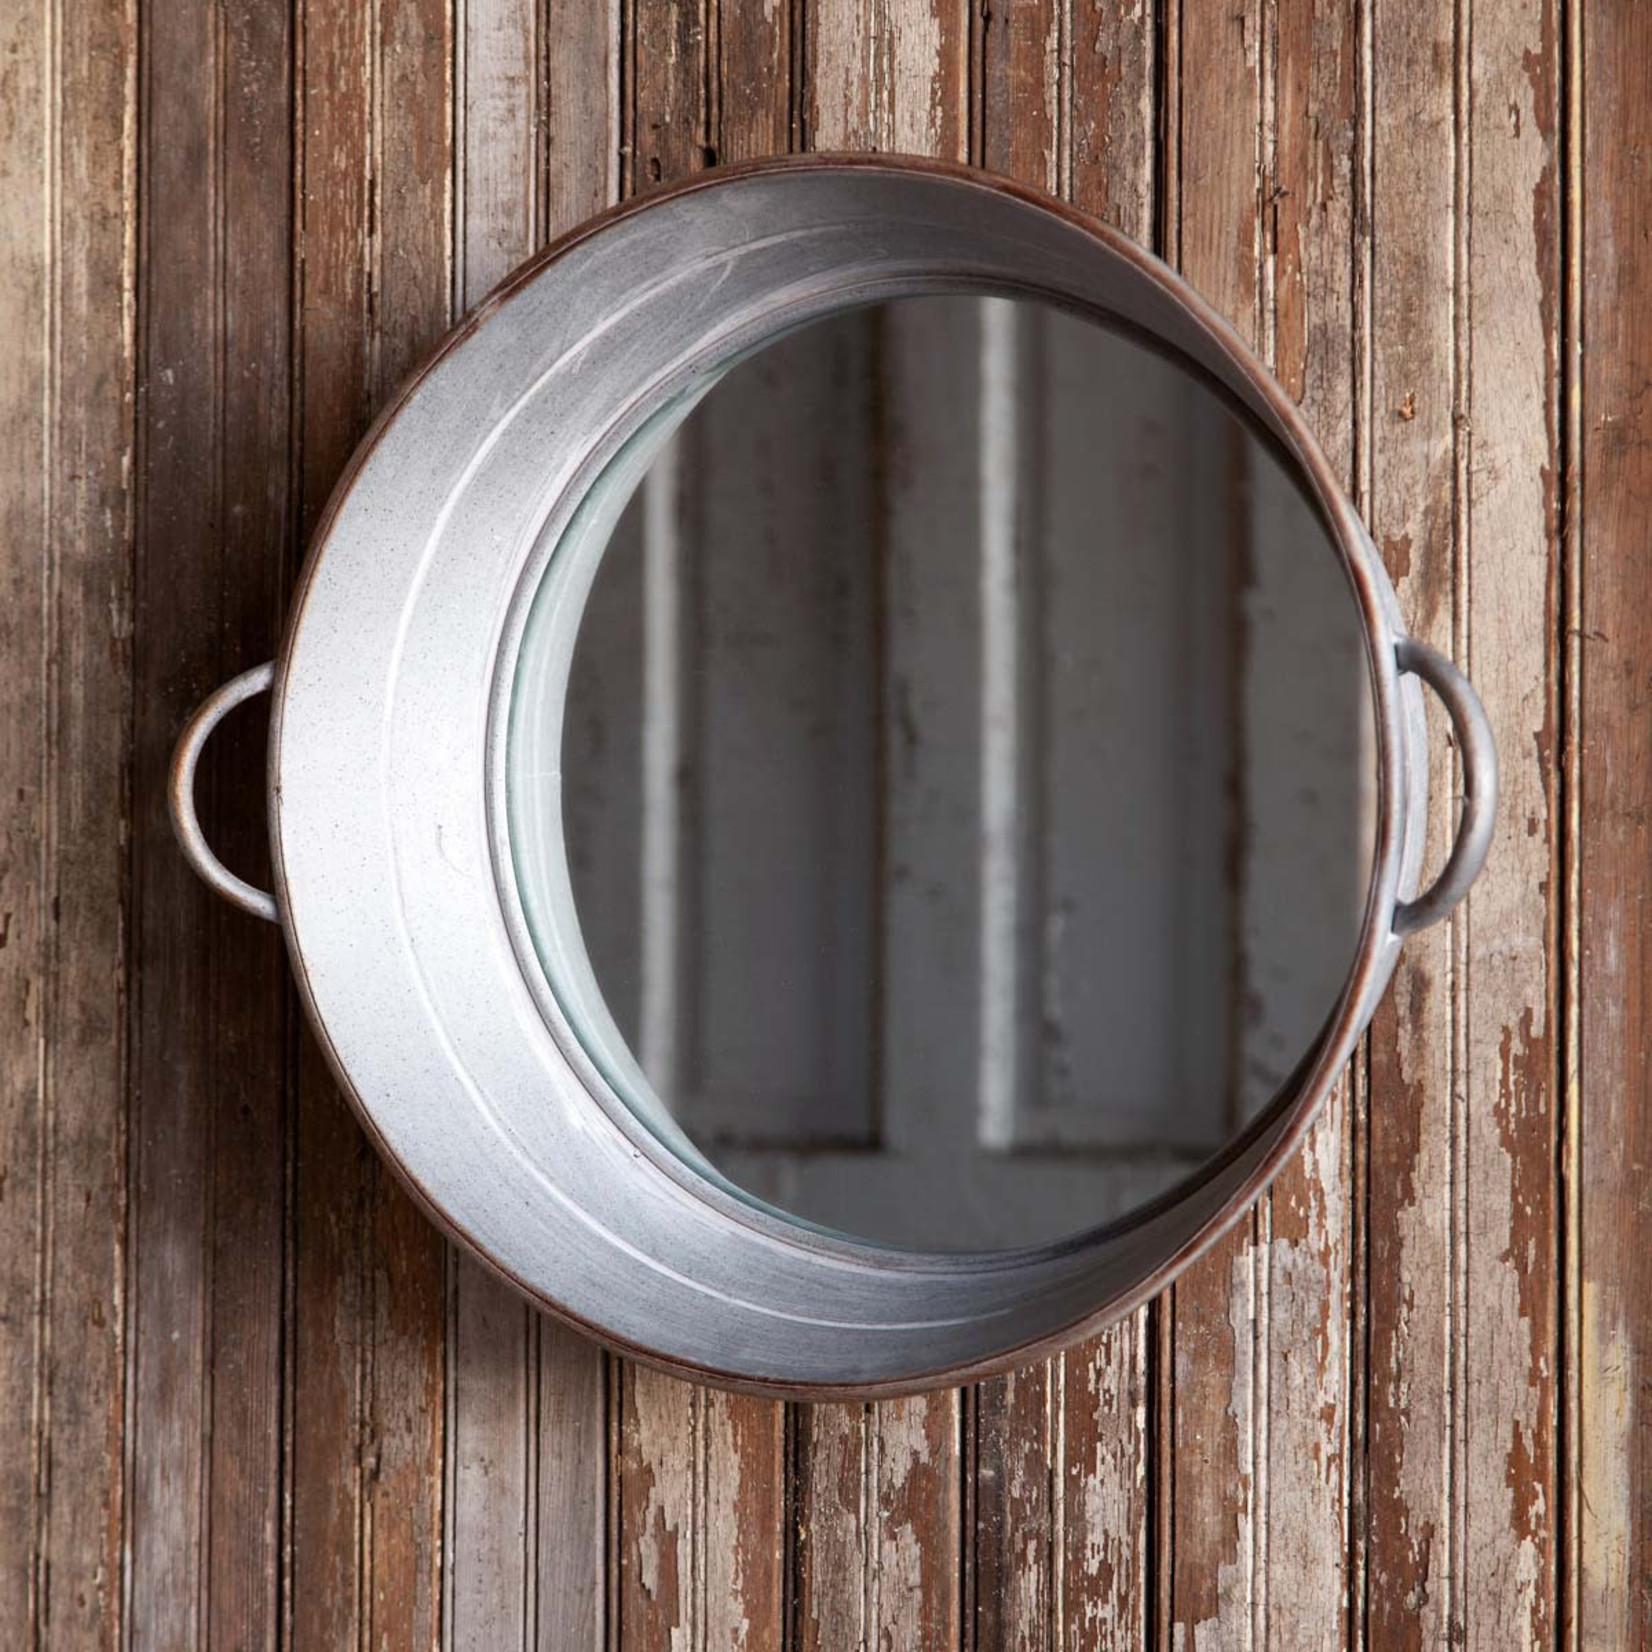 Wash Tub Mirror